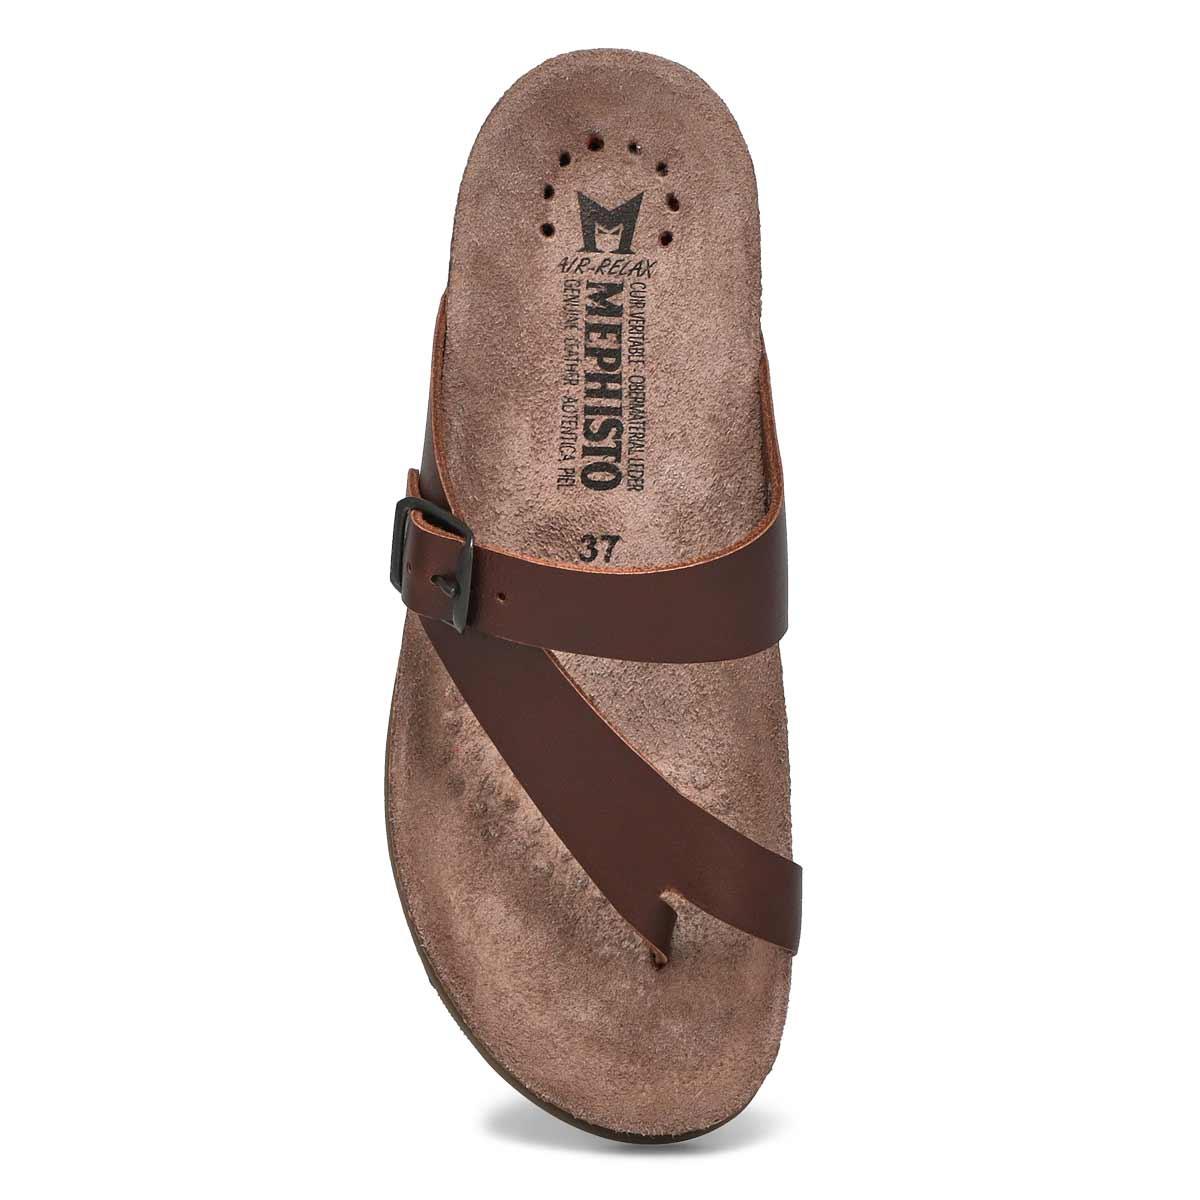 Lds Helen dk brn waxy cork footbed thong